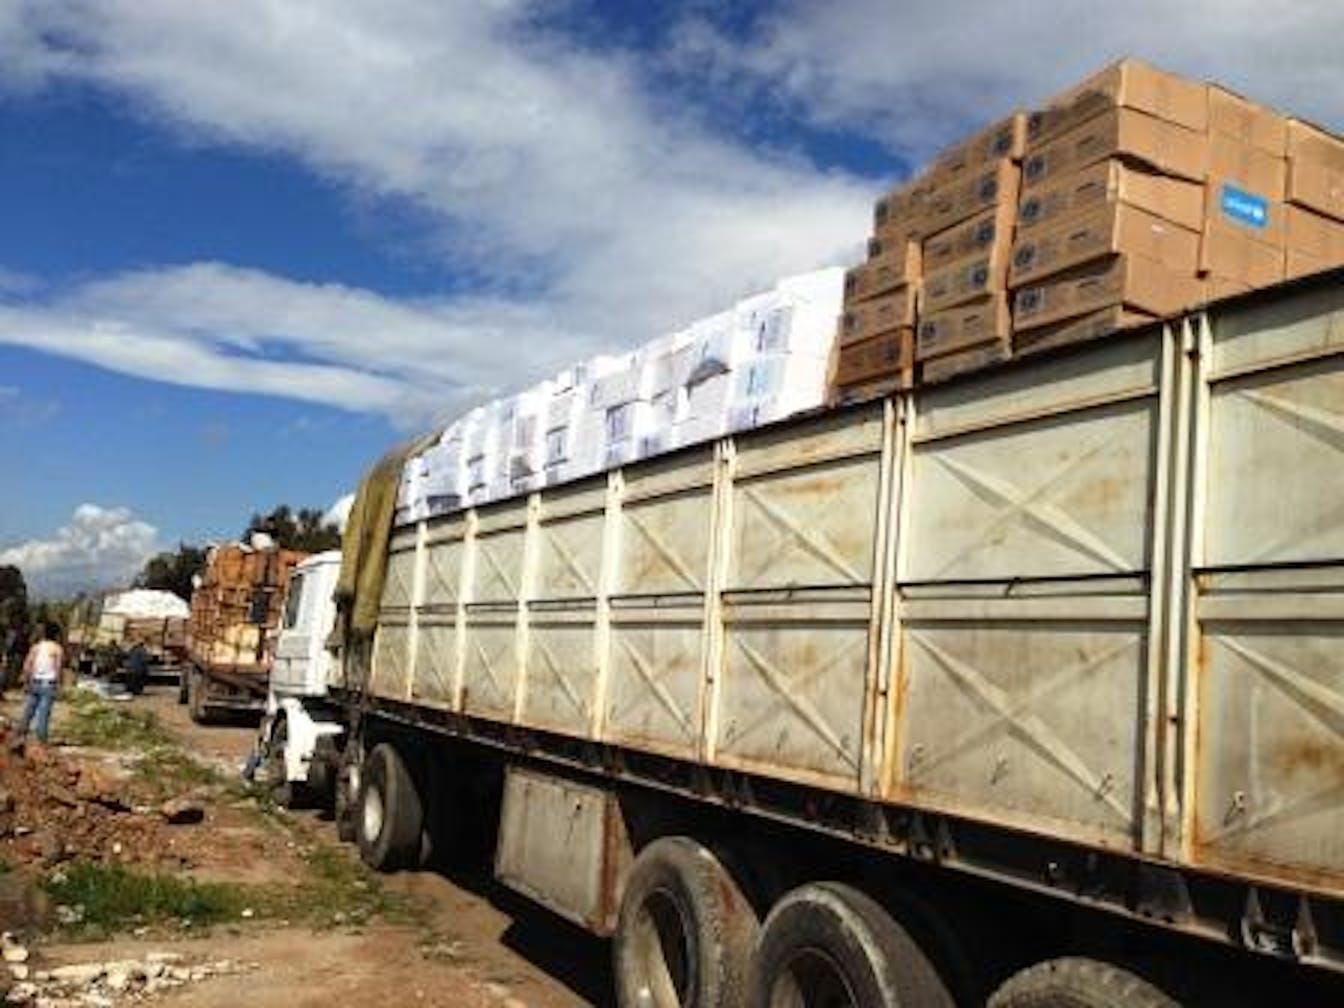 Alcuni dei camion con aiuti UNICEF che hanno raggiunto la città siriana di Talbiseh, nei pressi di Homs - ©UNICEF Siria/2013/A.Musse